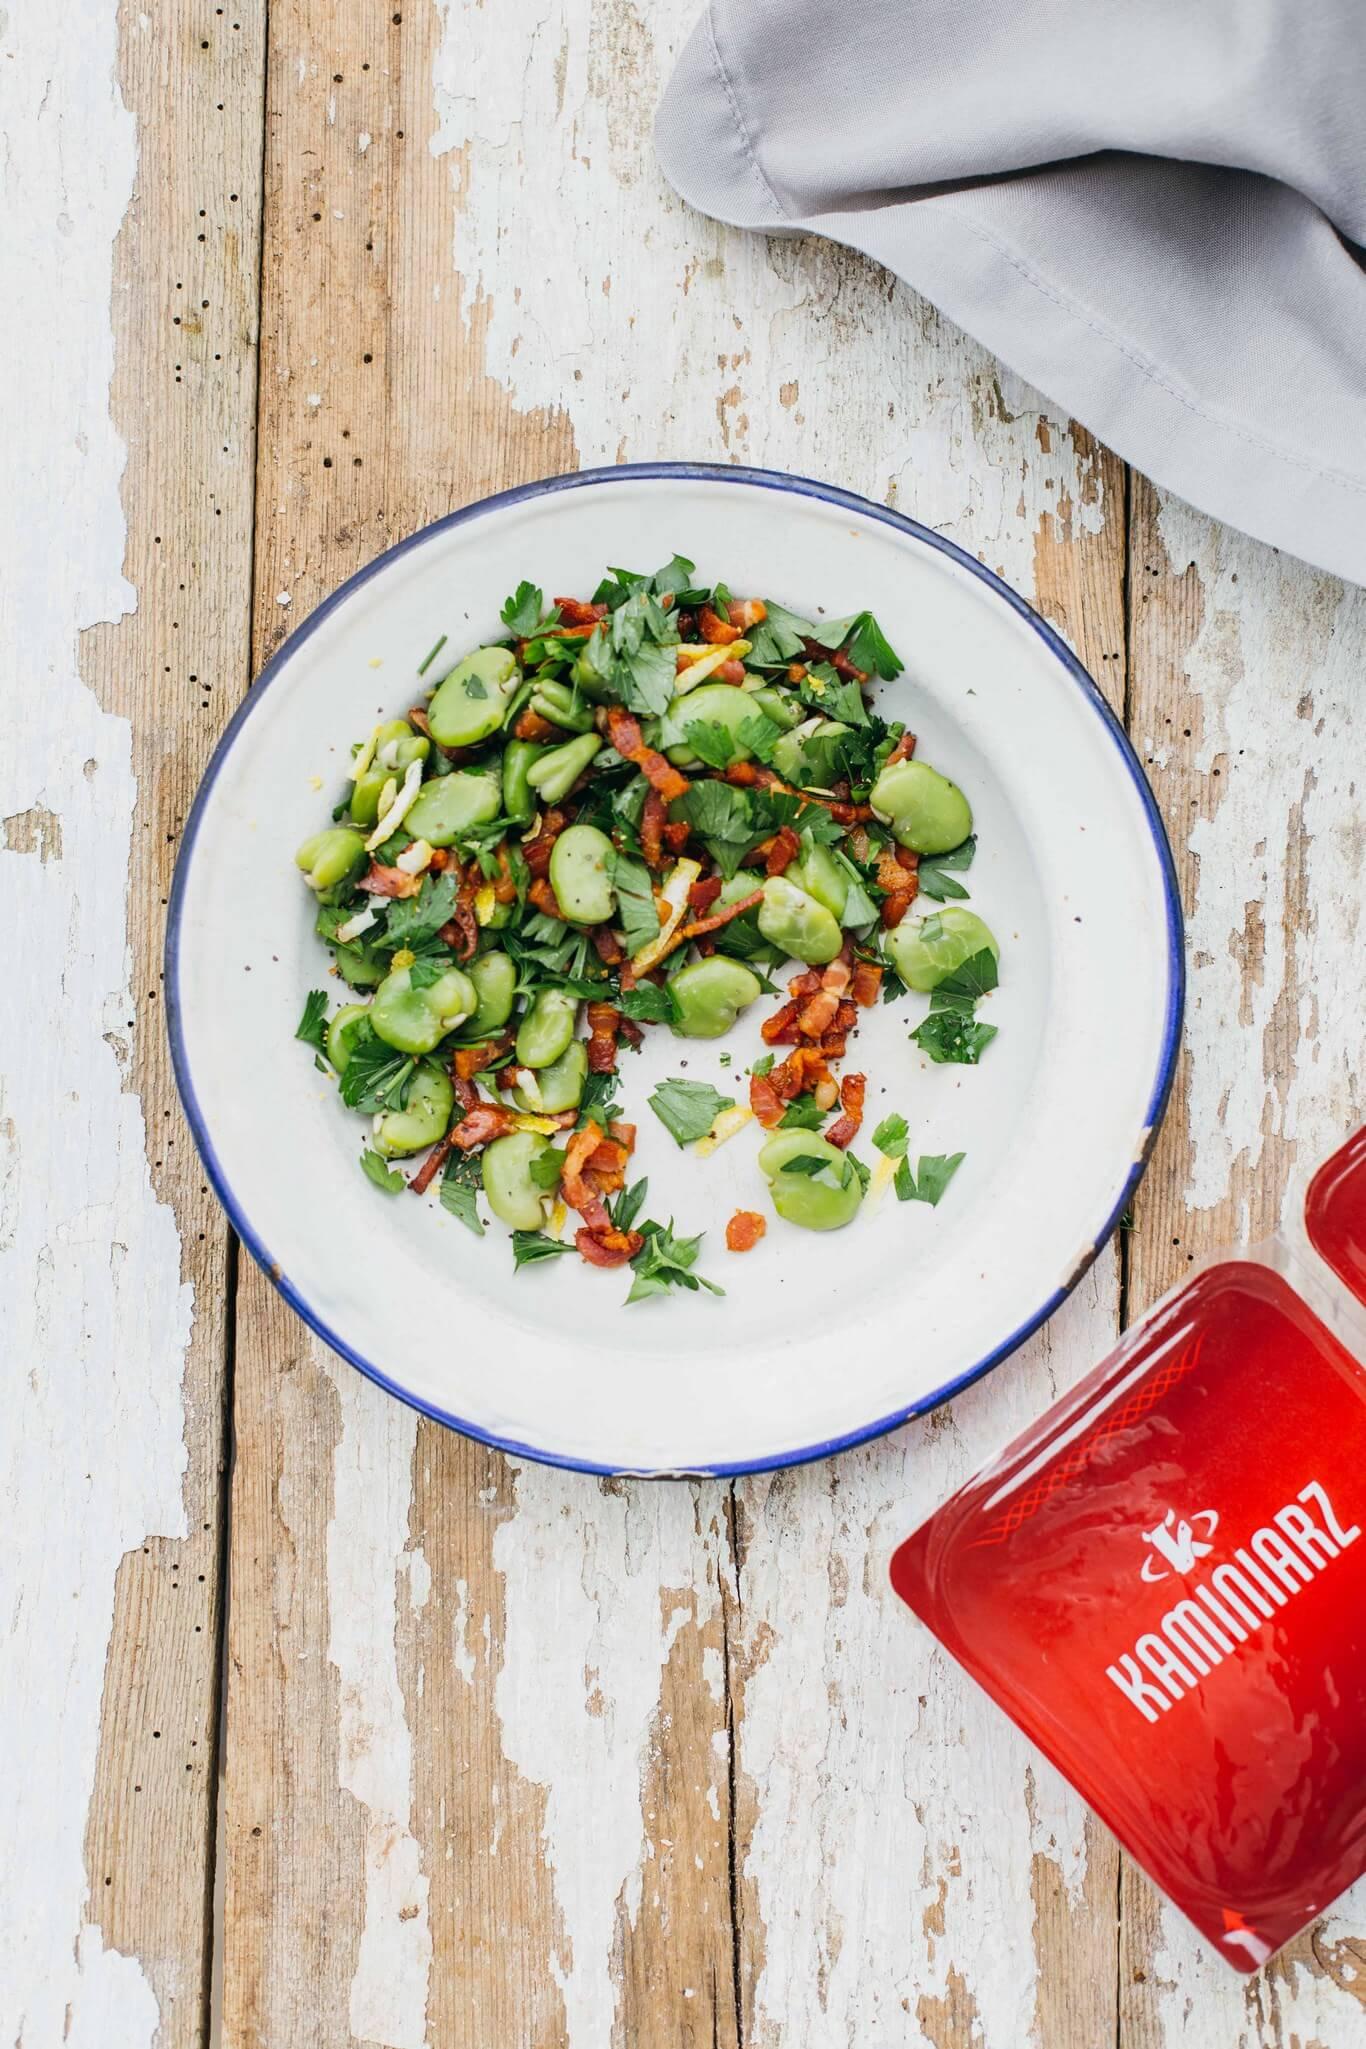 salatka z bobem i boczkiem w aromatycznym sosie